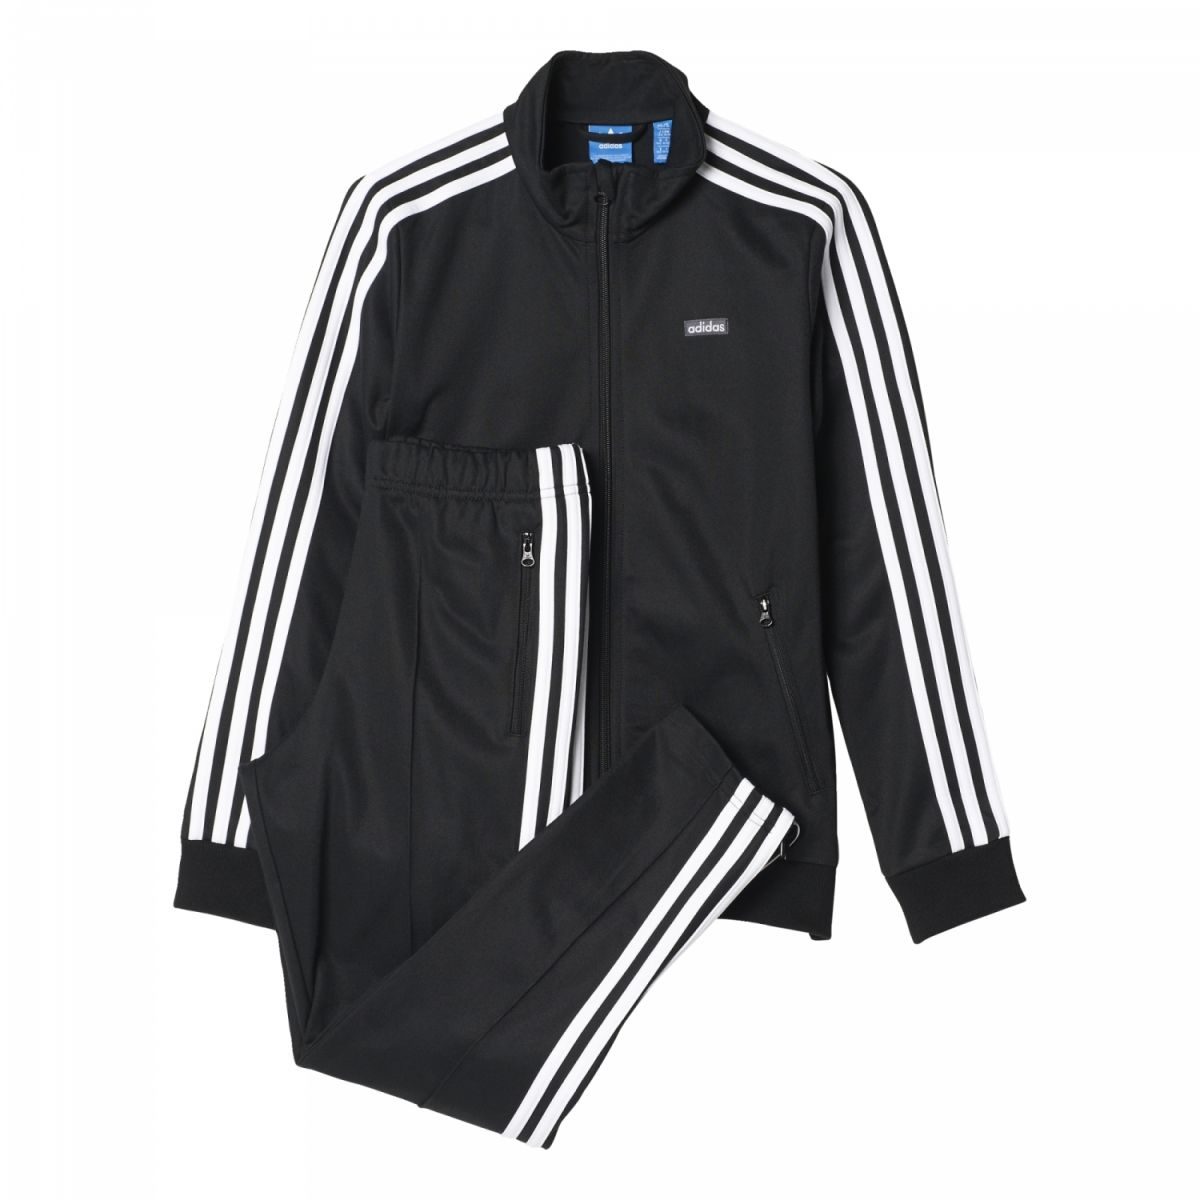 adidas schwarz weiß anzug